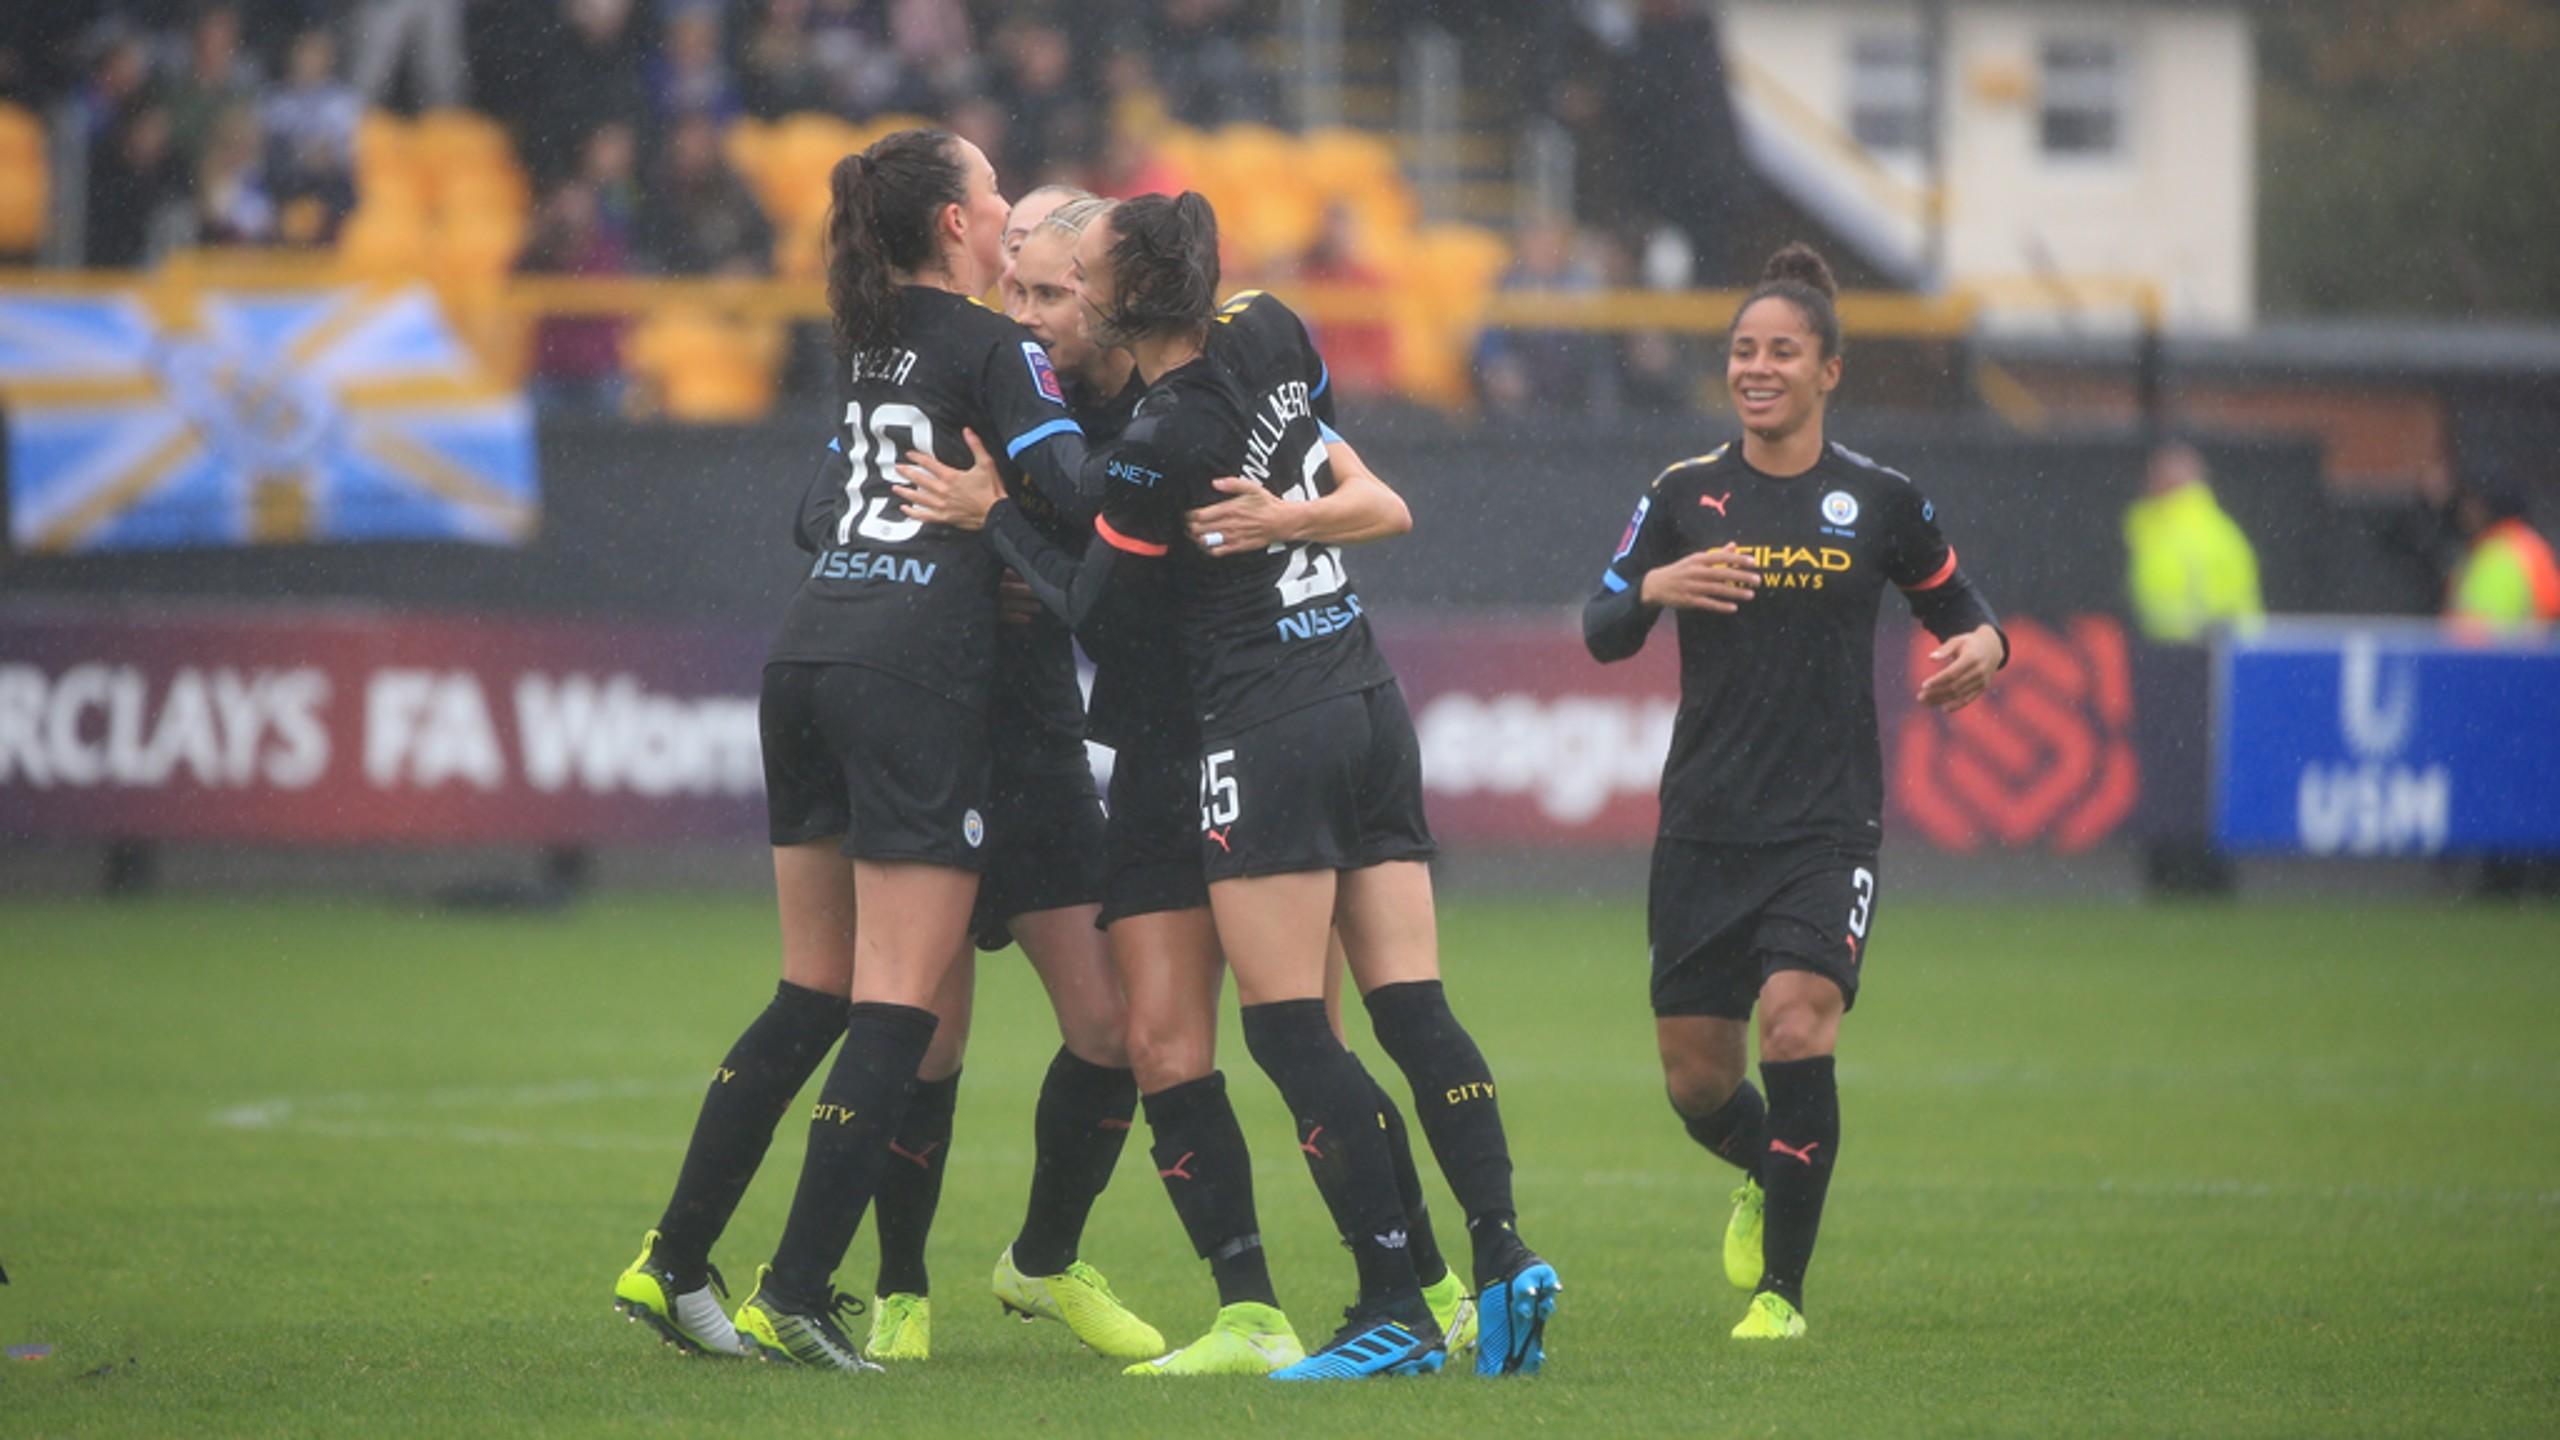 Abrazo colectivo para celebrar el gol de Steph Houghton.